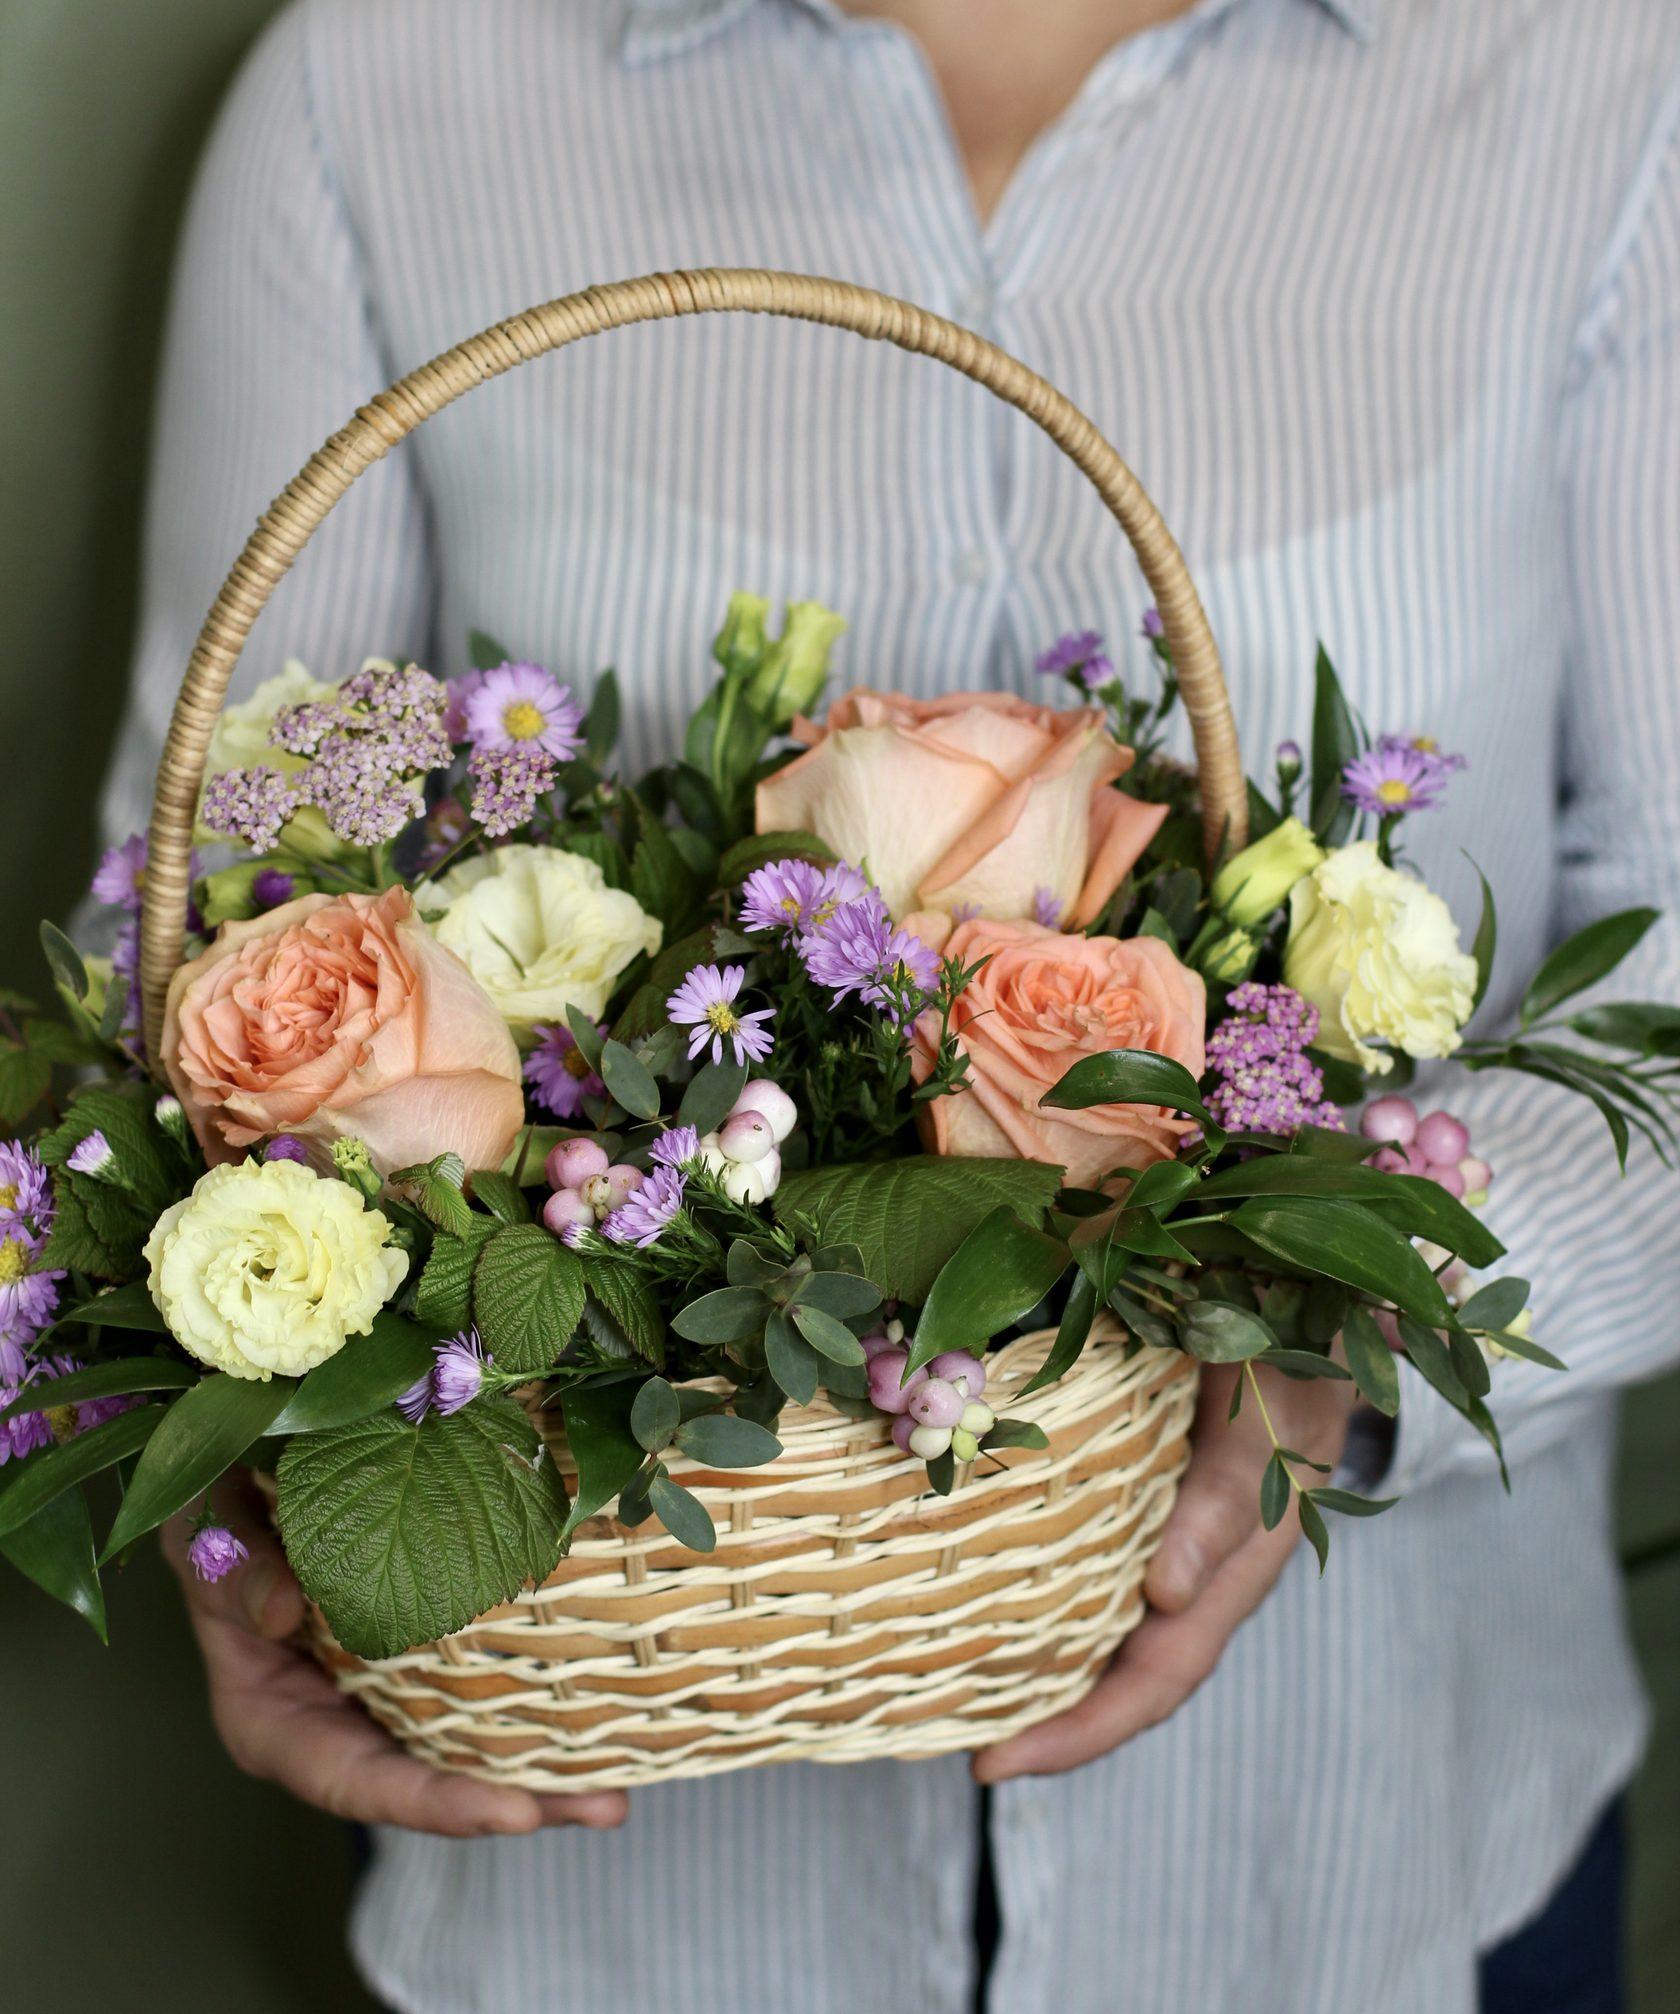 Необычные букеты томск, цветов екатеринбург оплата